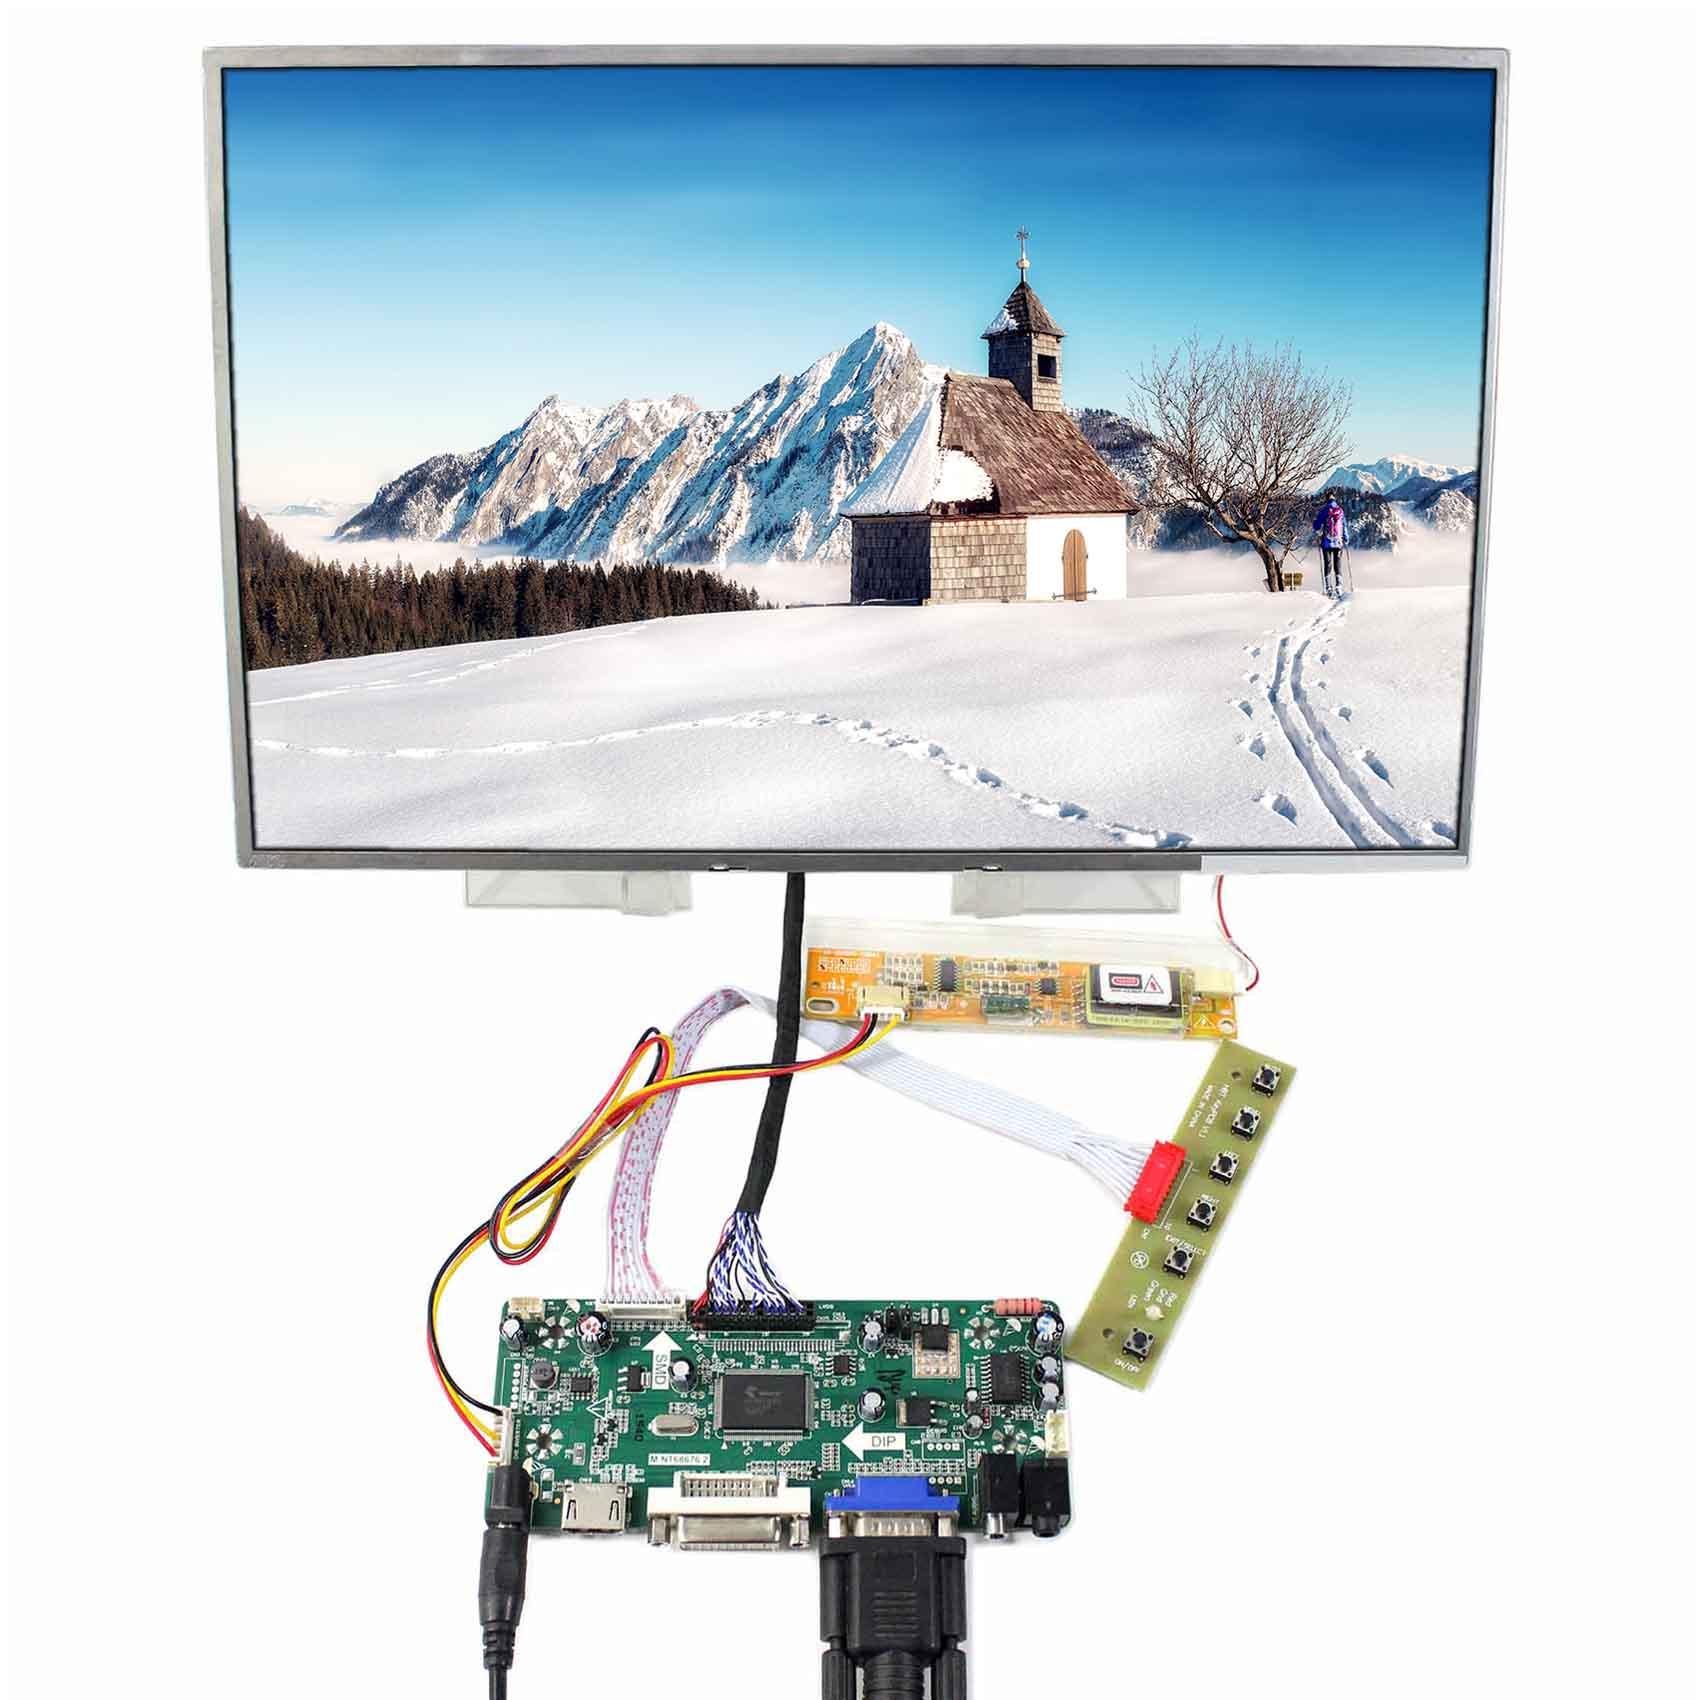 15,4 дюйма 1280x800 ЖК дисплей (один из B154EW01/02/04/06/08 LTN154AT01/07/10 и так далее) Работа с HDMI VGA DVI ЖК дисплей плате контроллера